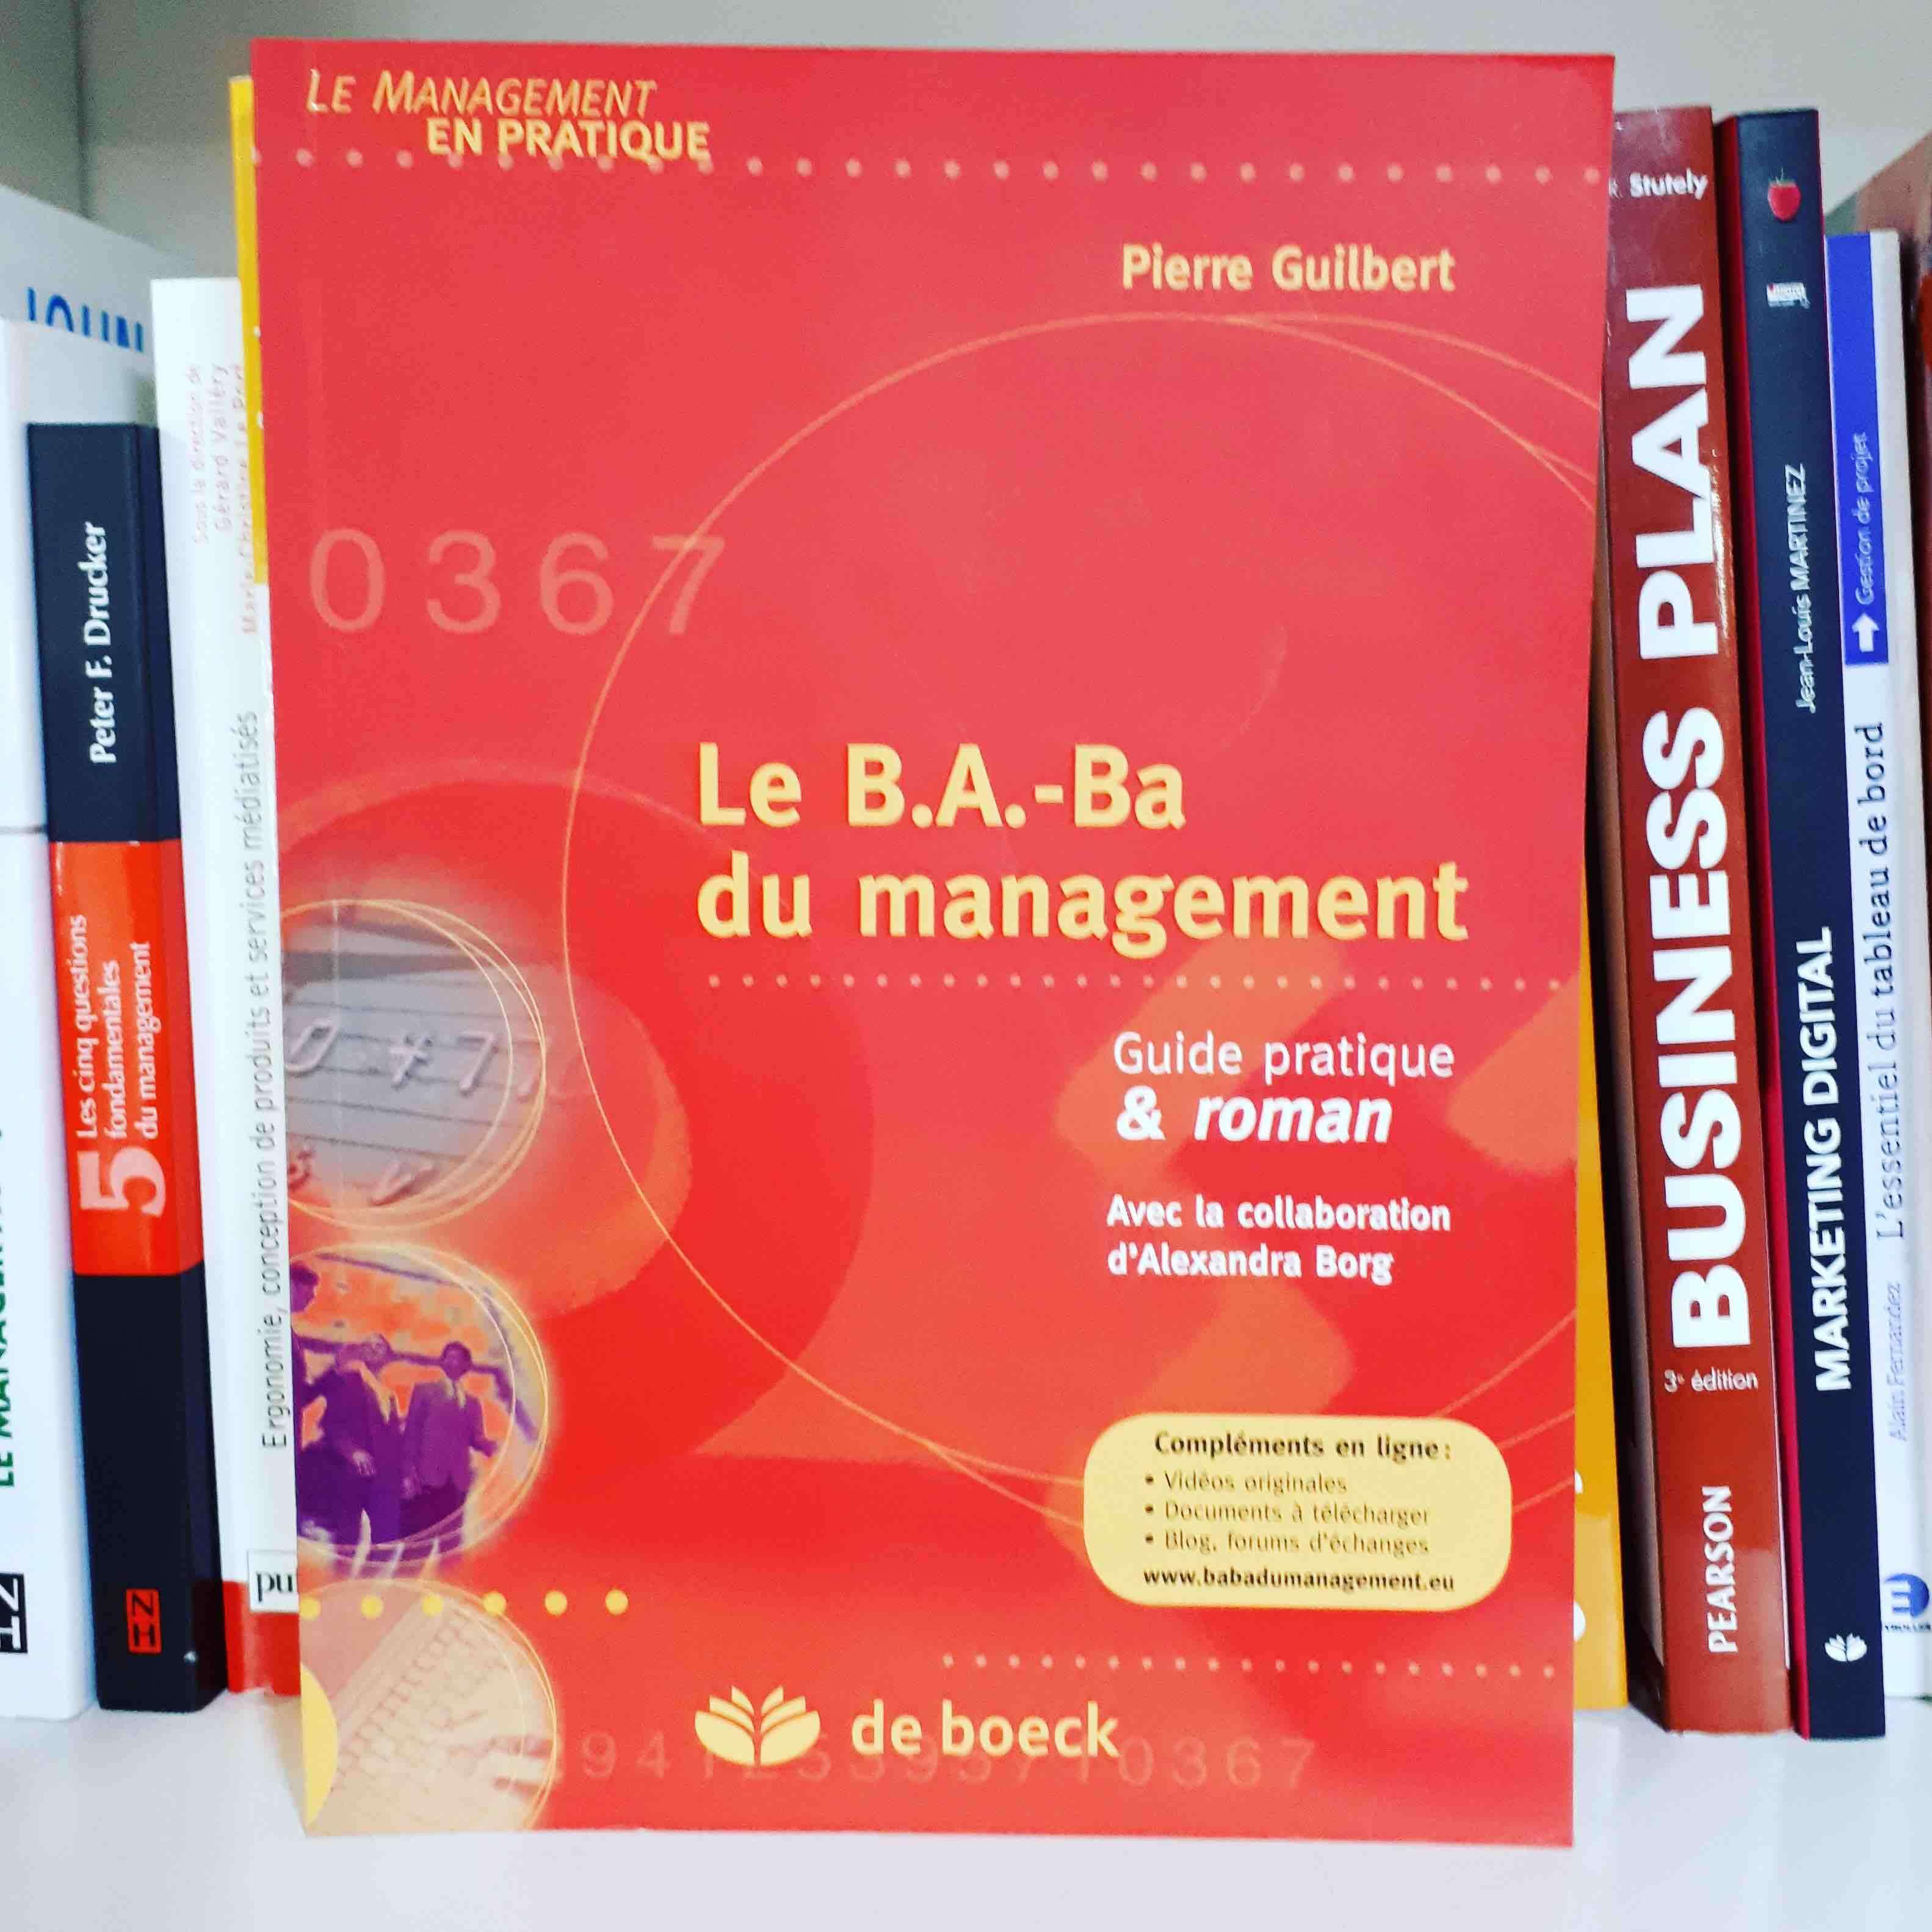 Le B.A.-Ba du management